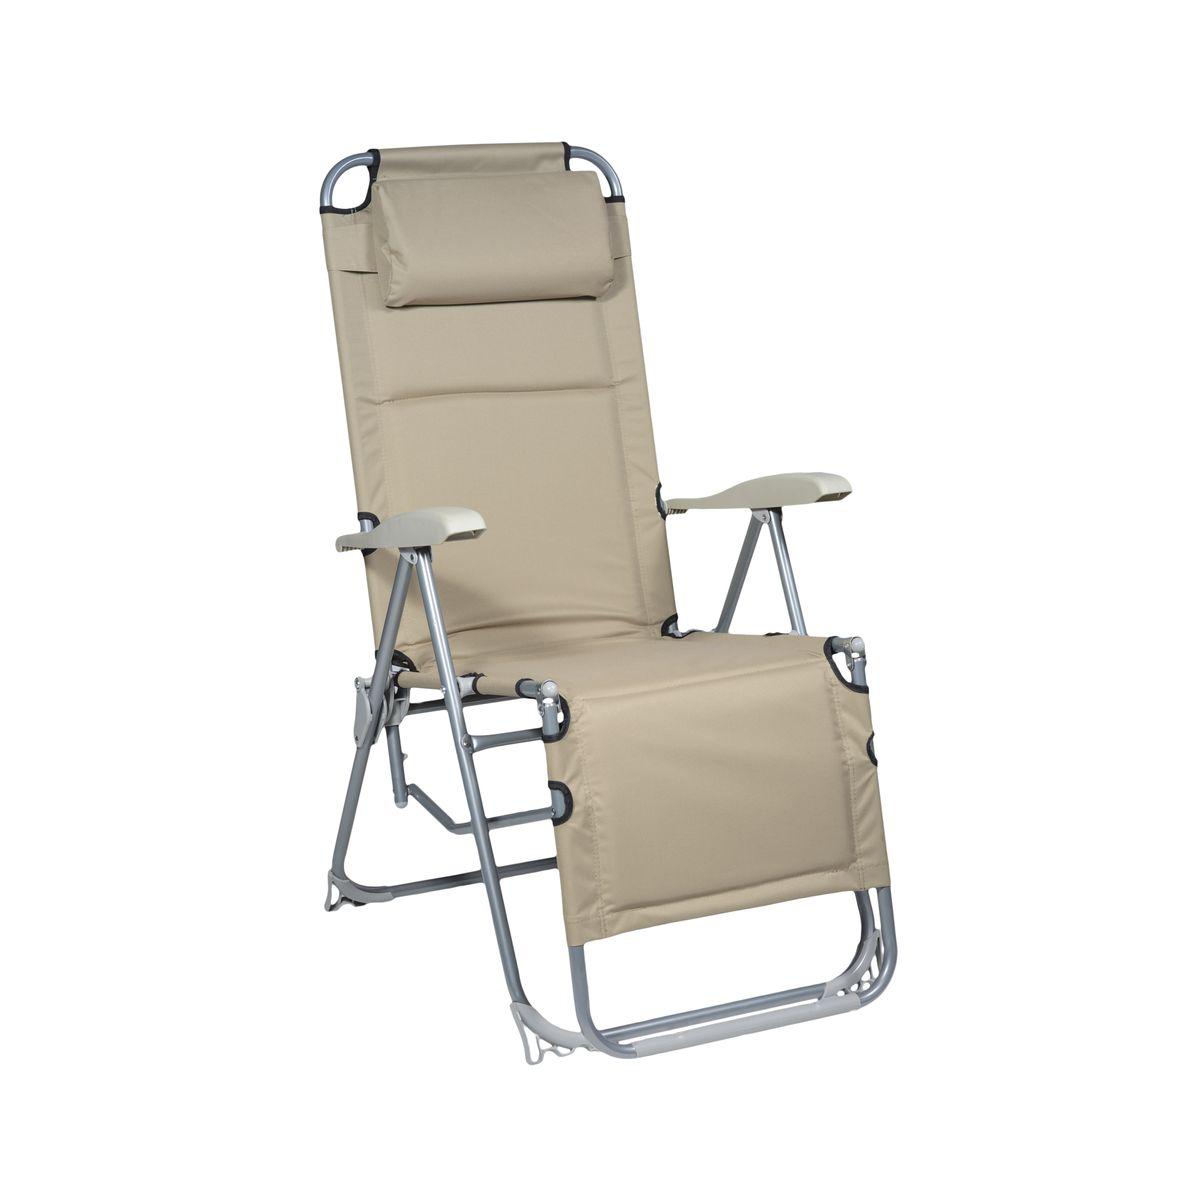 Кресло складное Green Glade, 84 см х 64 см х 114 см09840-20.000.00Складное кресло Green Glade предназначено для создания комфортных условий в туристических походах, рыбалке и кемпинге.Особенности:Компактная складная конструкция.Прочный стальной каркас 22 мм.Прочный полиэстер с поливиниловым покрытием.Пластиковые подлокотники.